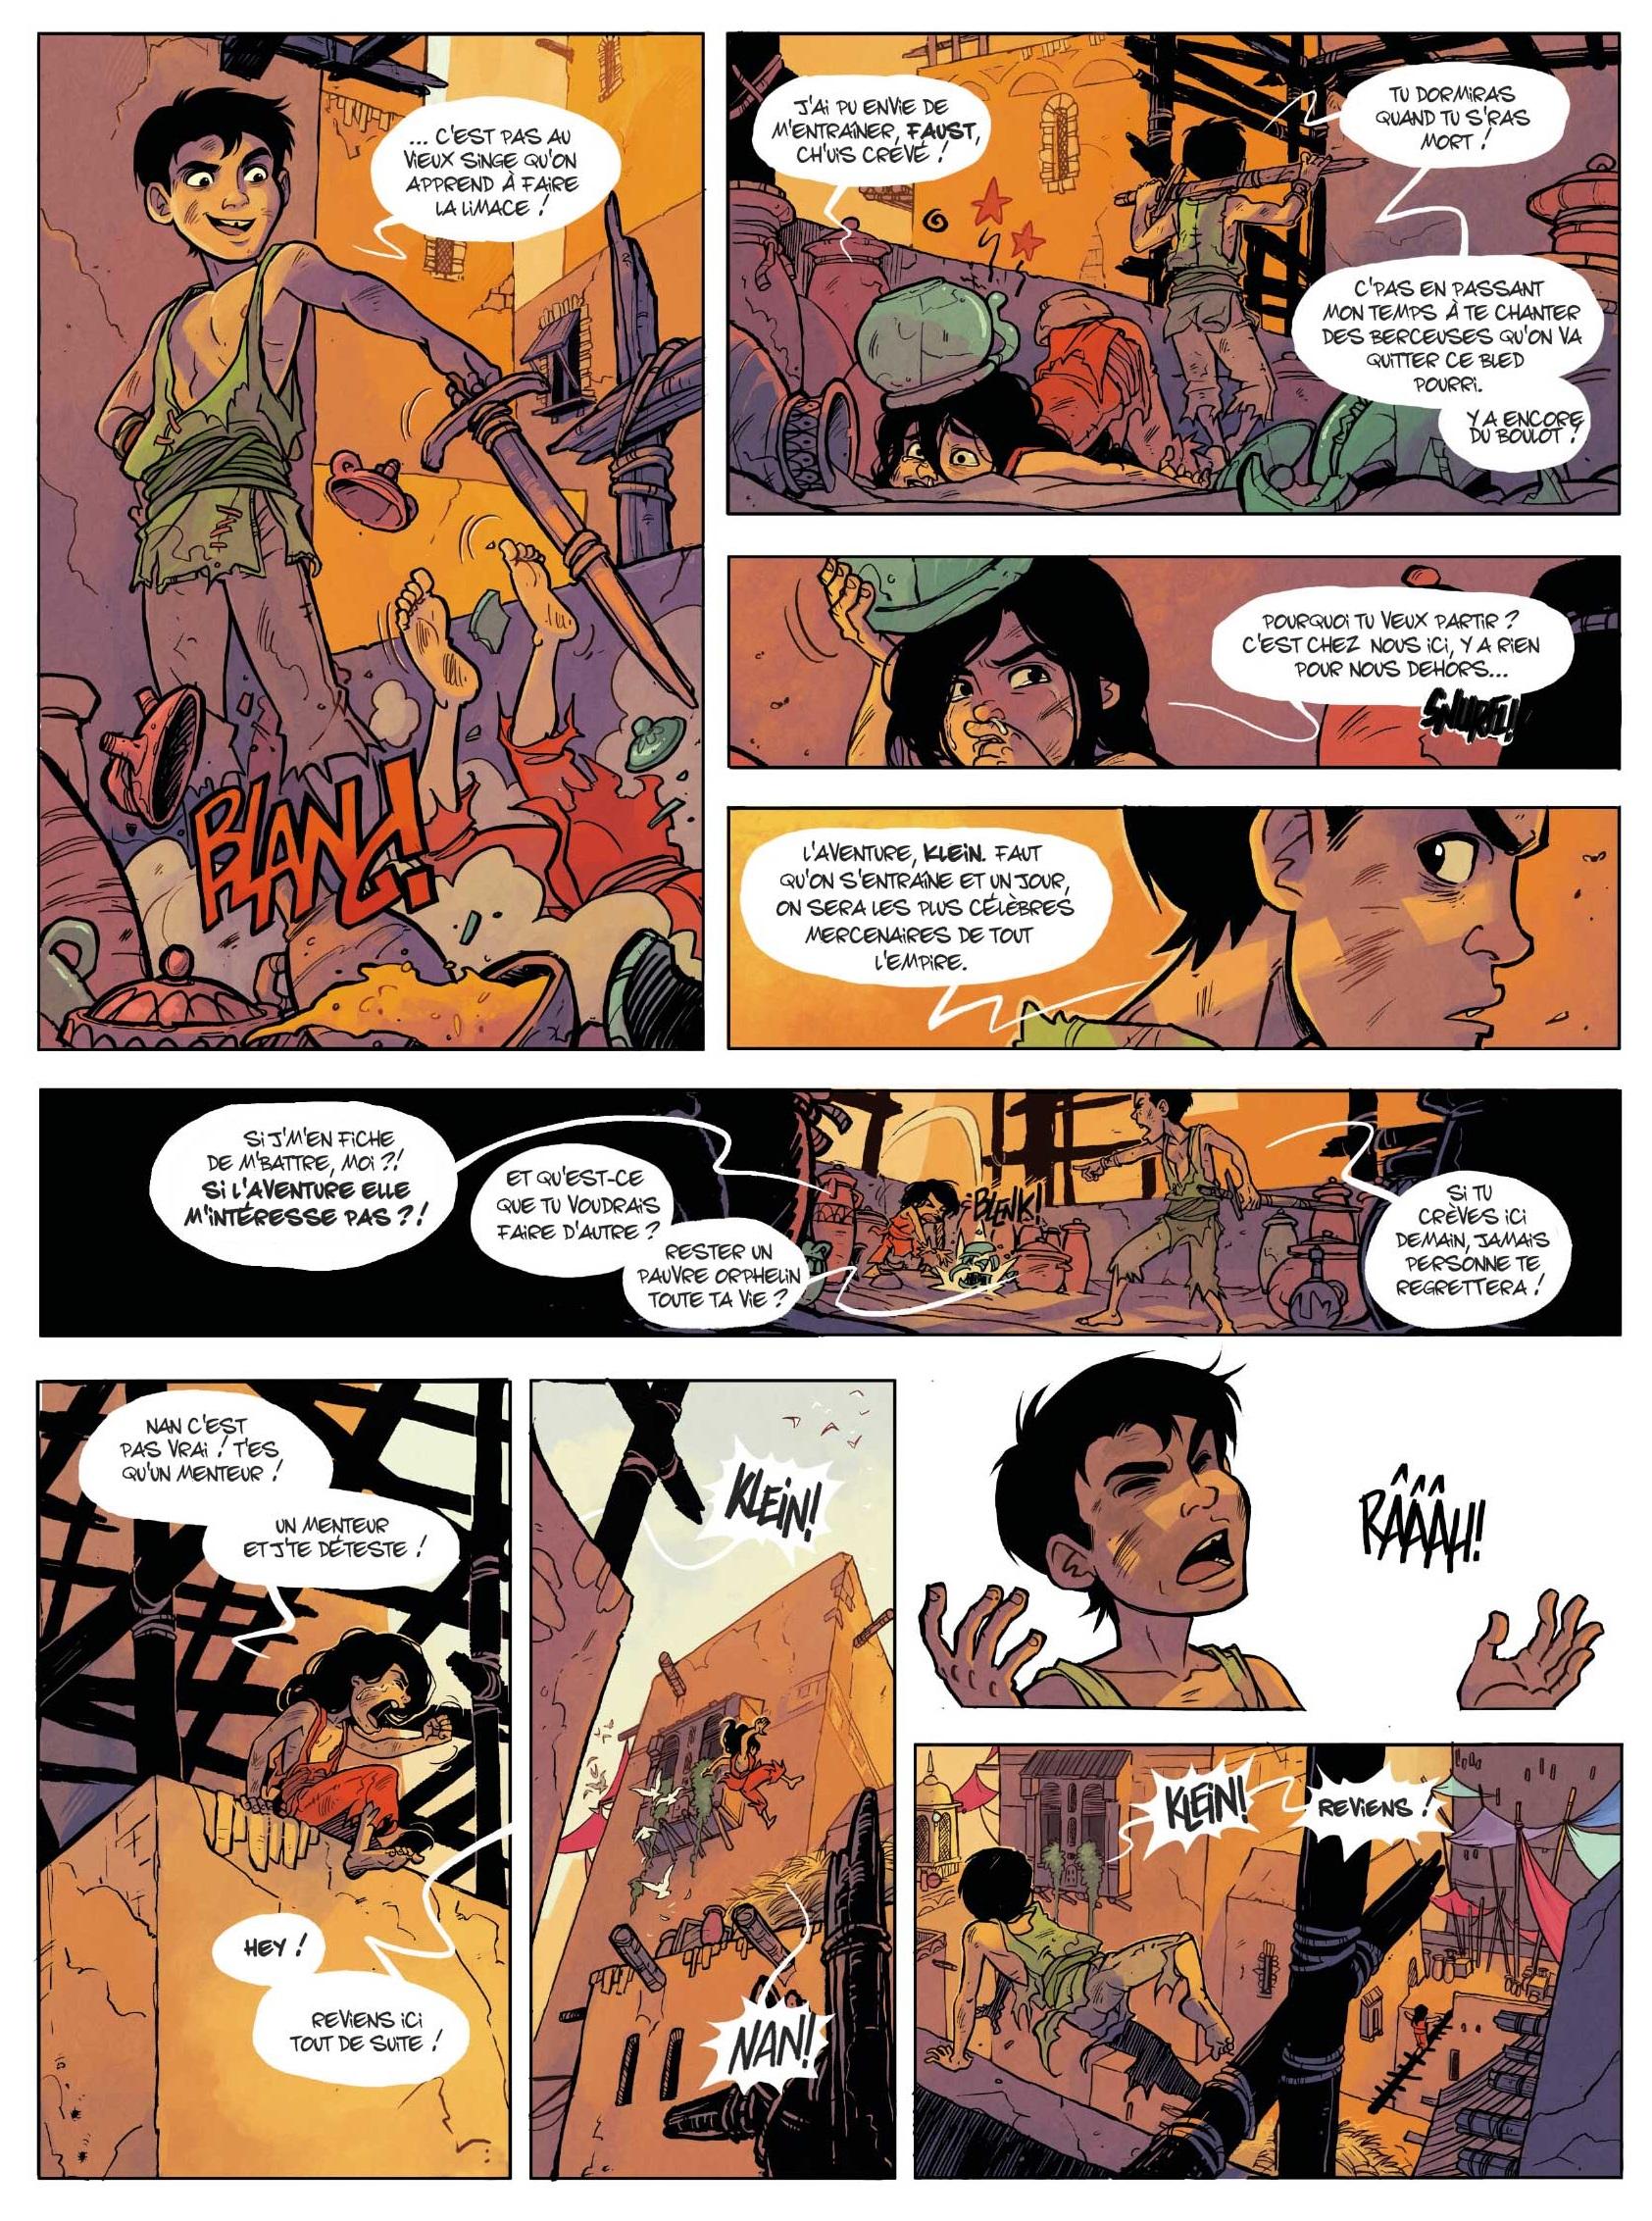 Les lames d'Apretagne T 1 page 4